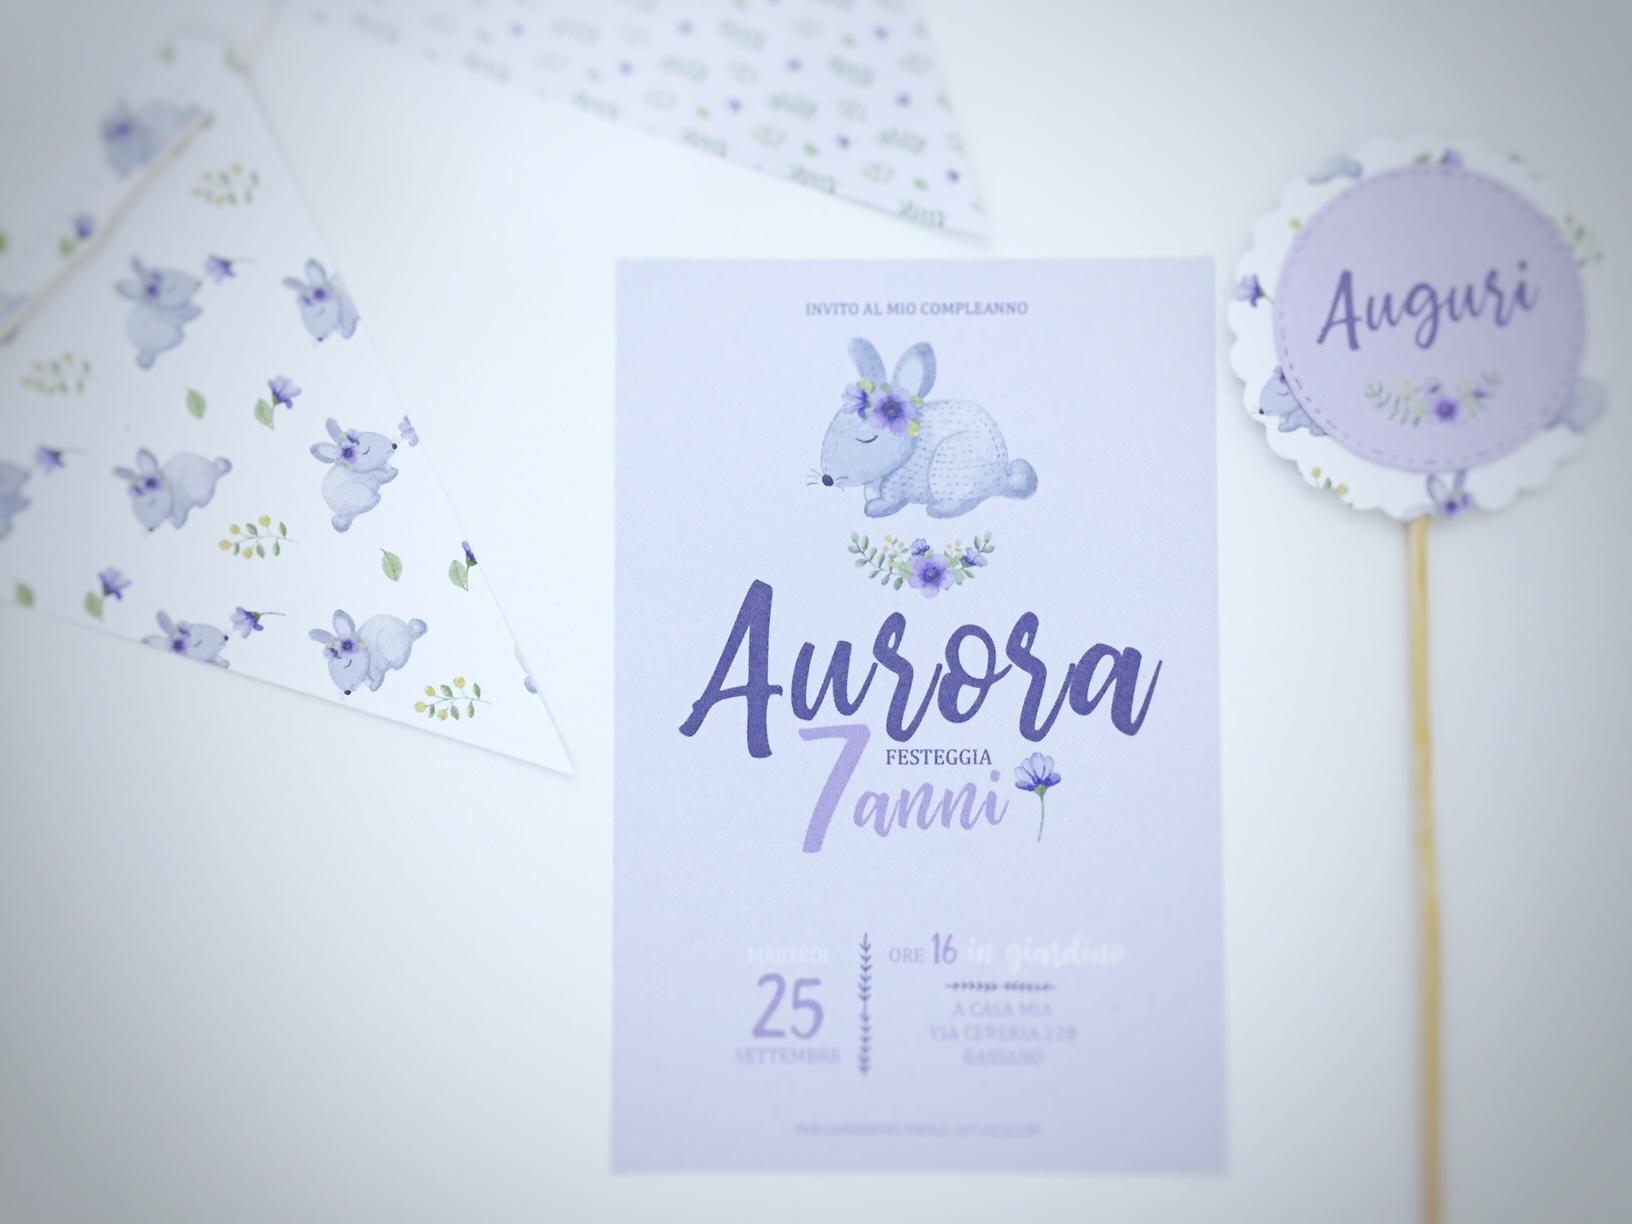 Il compleanno di Aurora